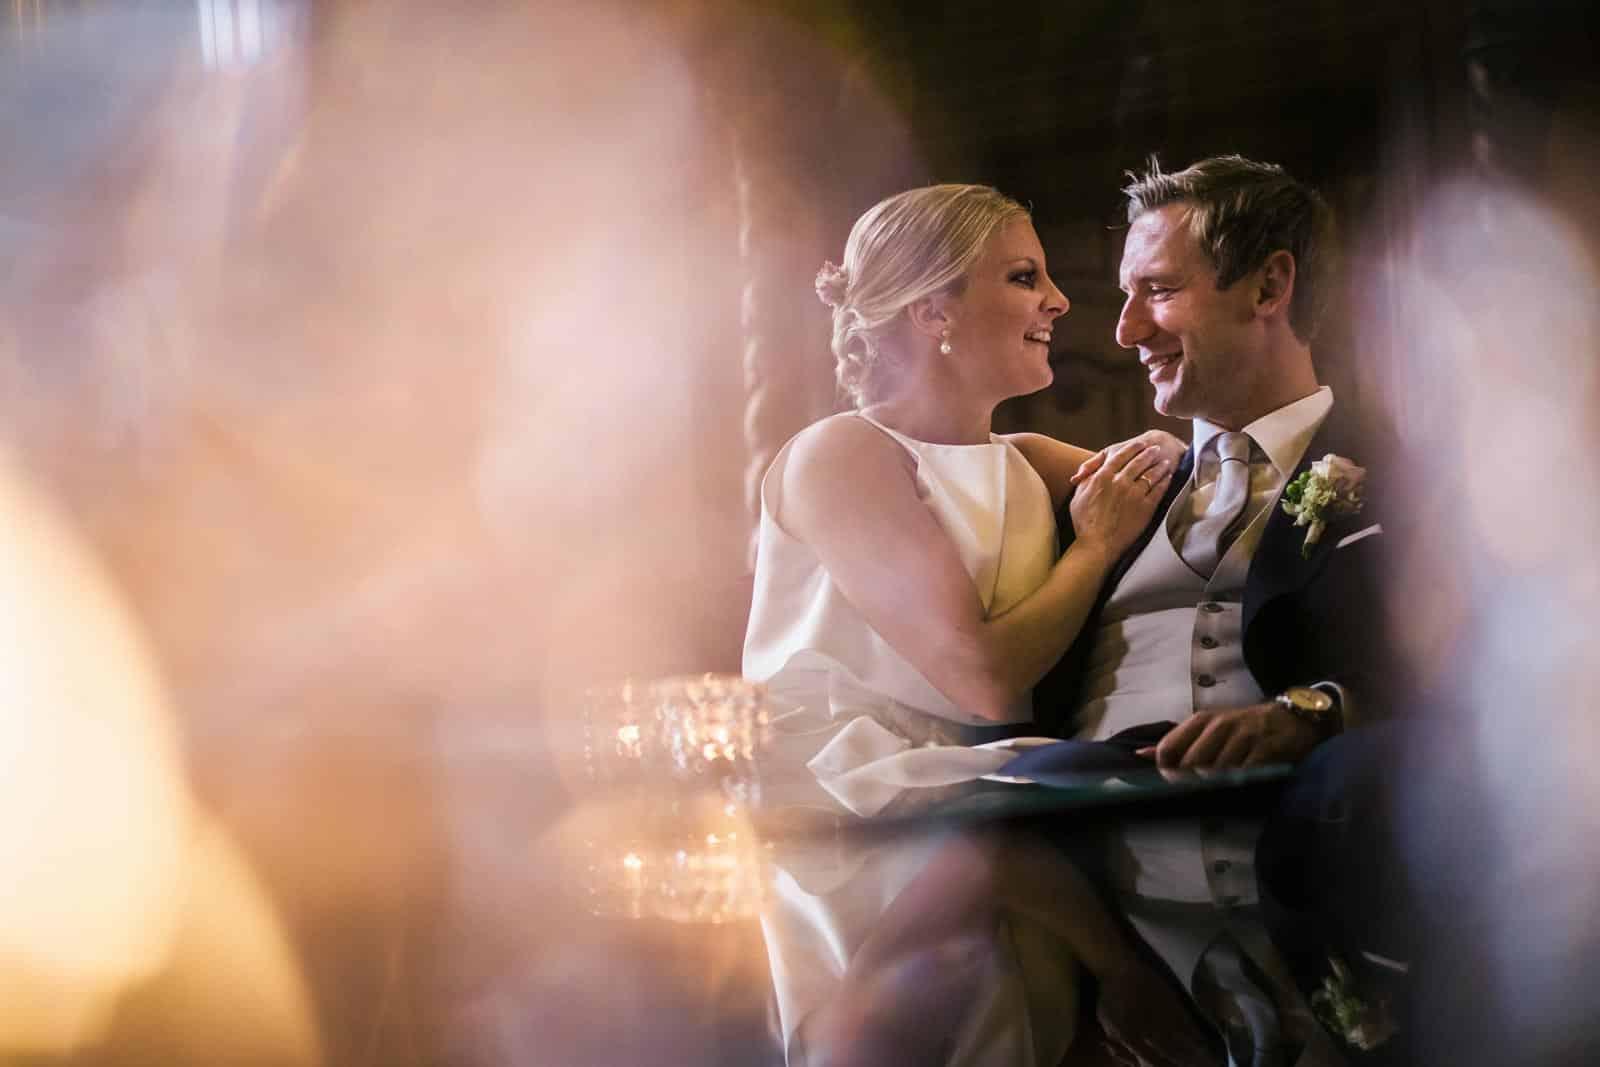 Hochzeitsfotograf nrw - Brautpaar sitzt in der Lounge